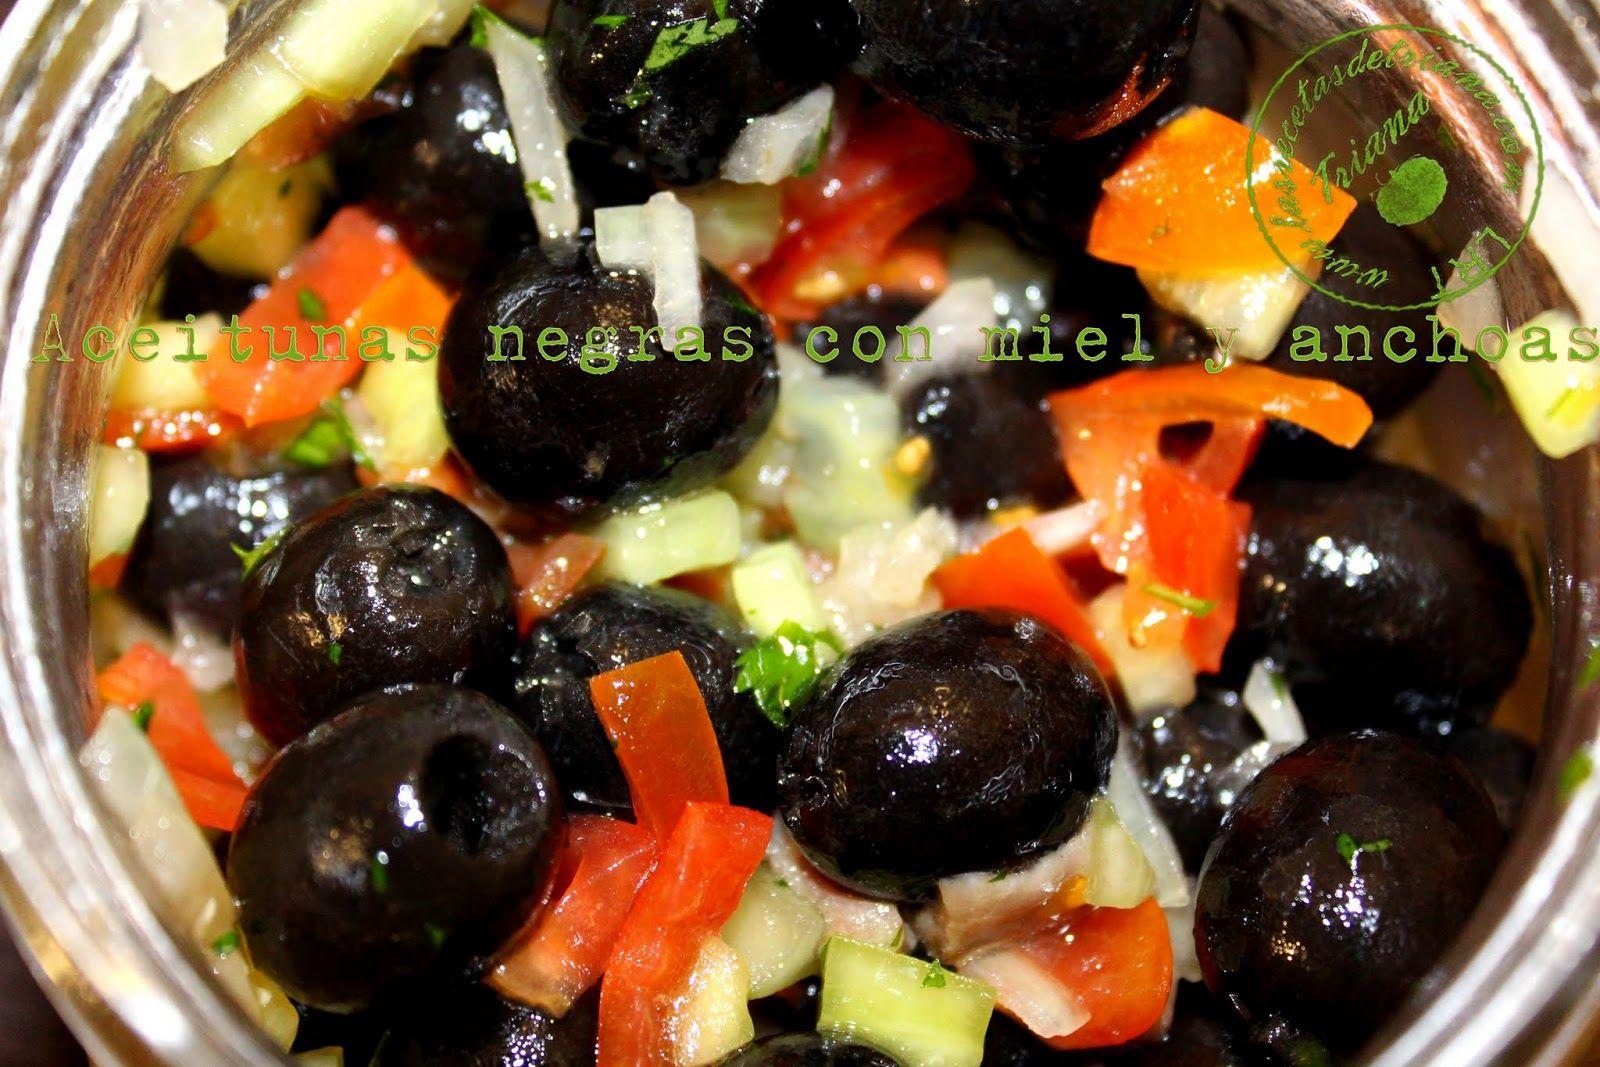 Las recetas de Triana: Aceitunas negras con miel y anchoas